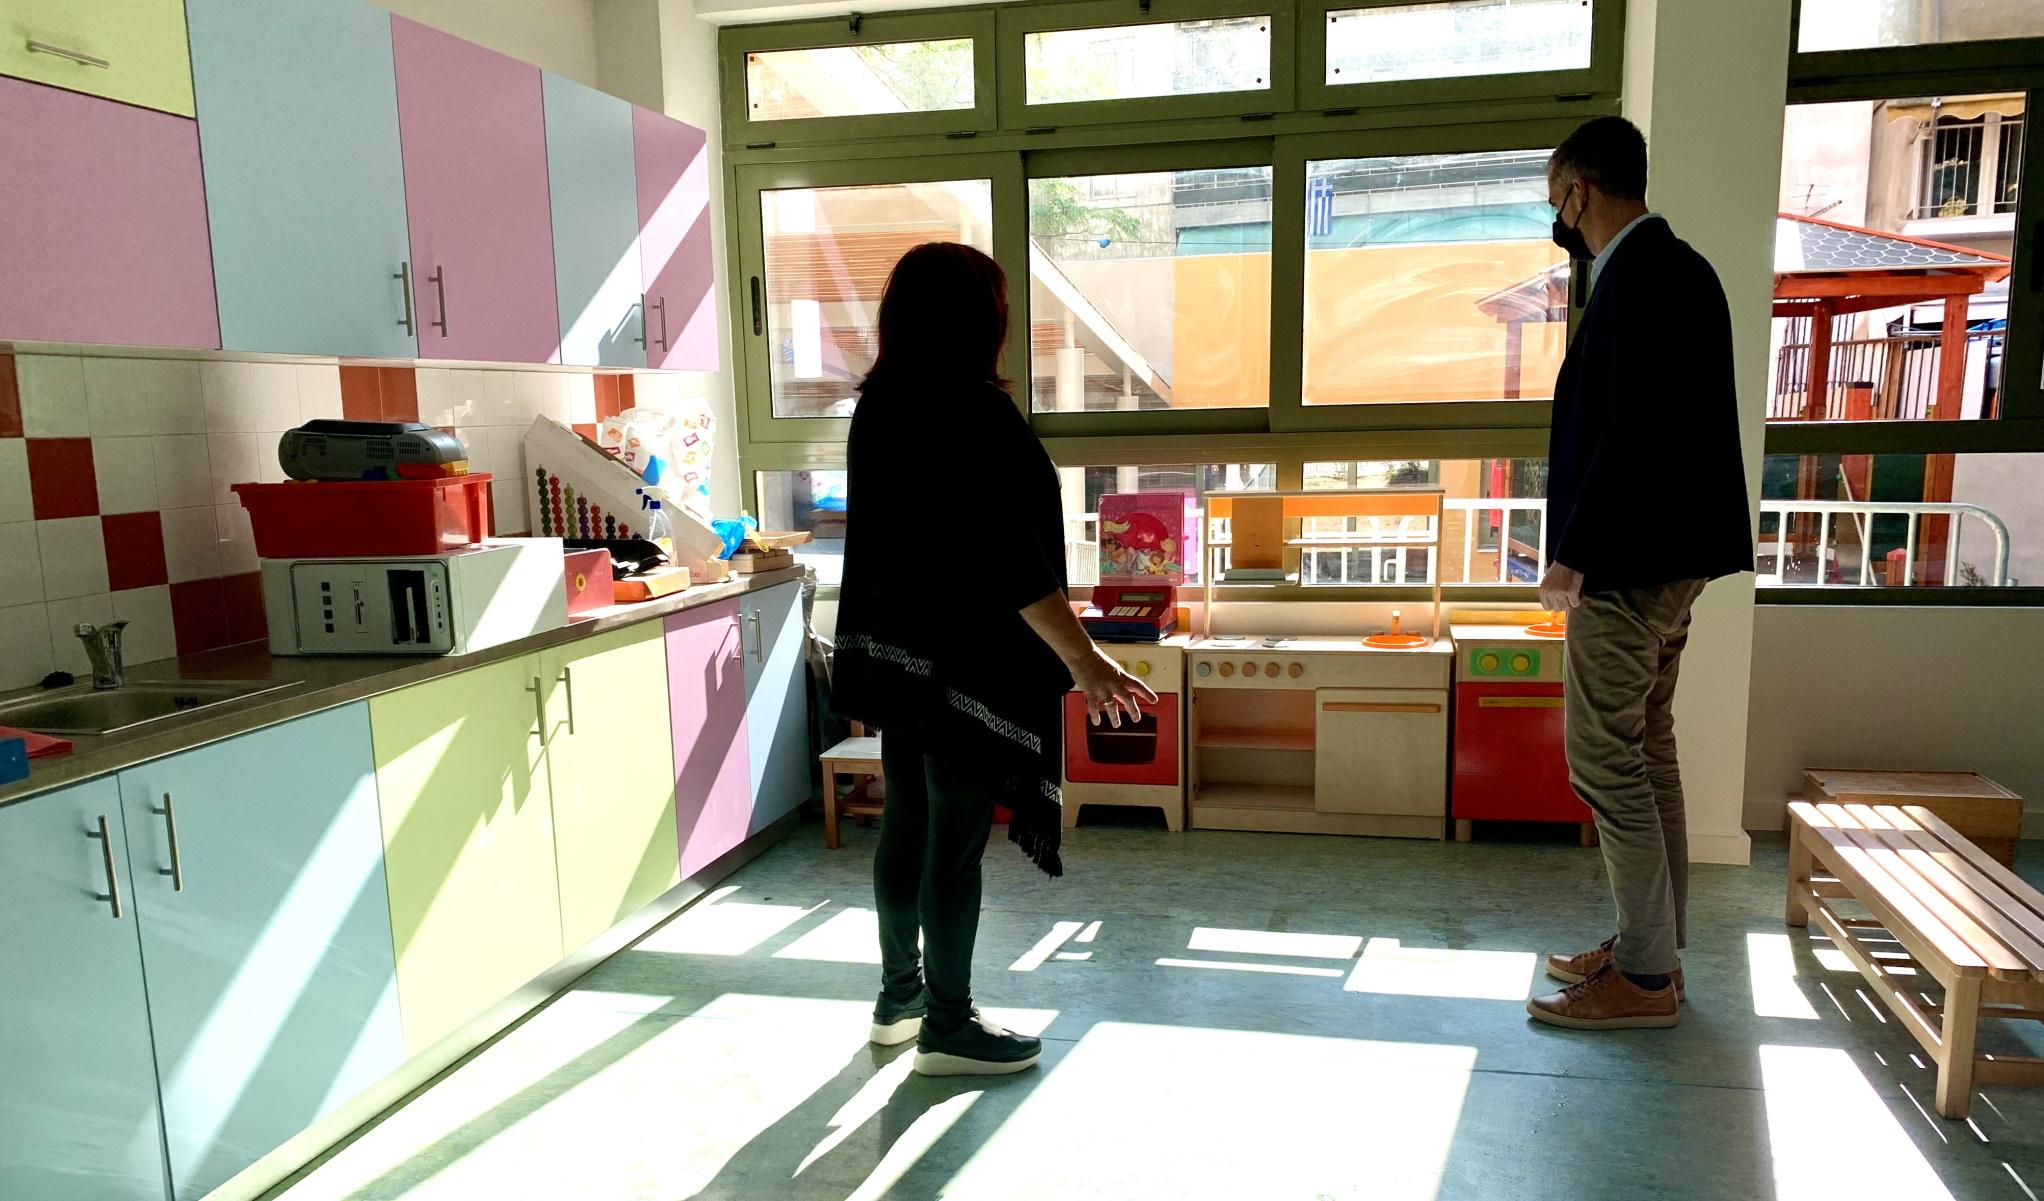 Μπακογιάννης: Τα σχολεία της Αθήνας έτοιμα να υποδεχθούν μαθητές και εκπαιδευτικούς (pics)